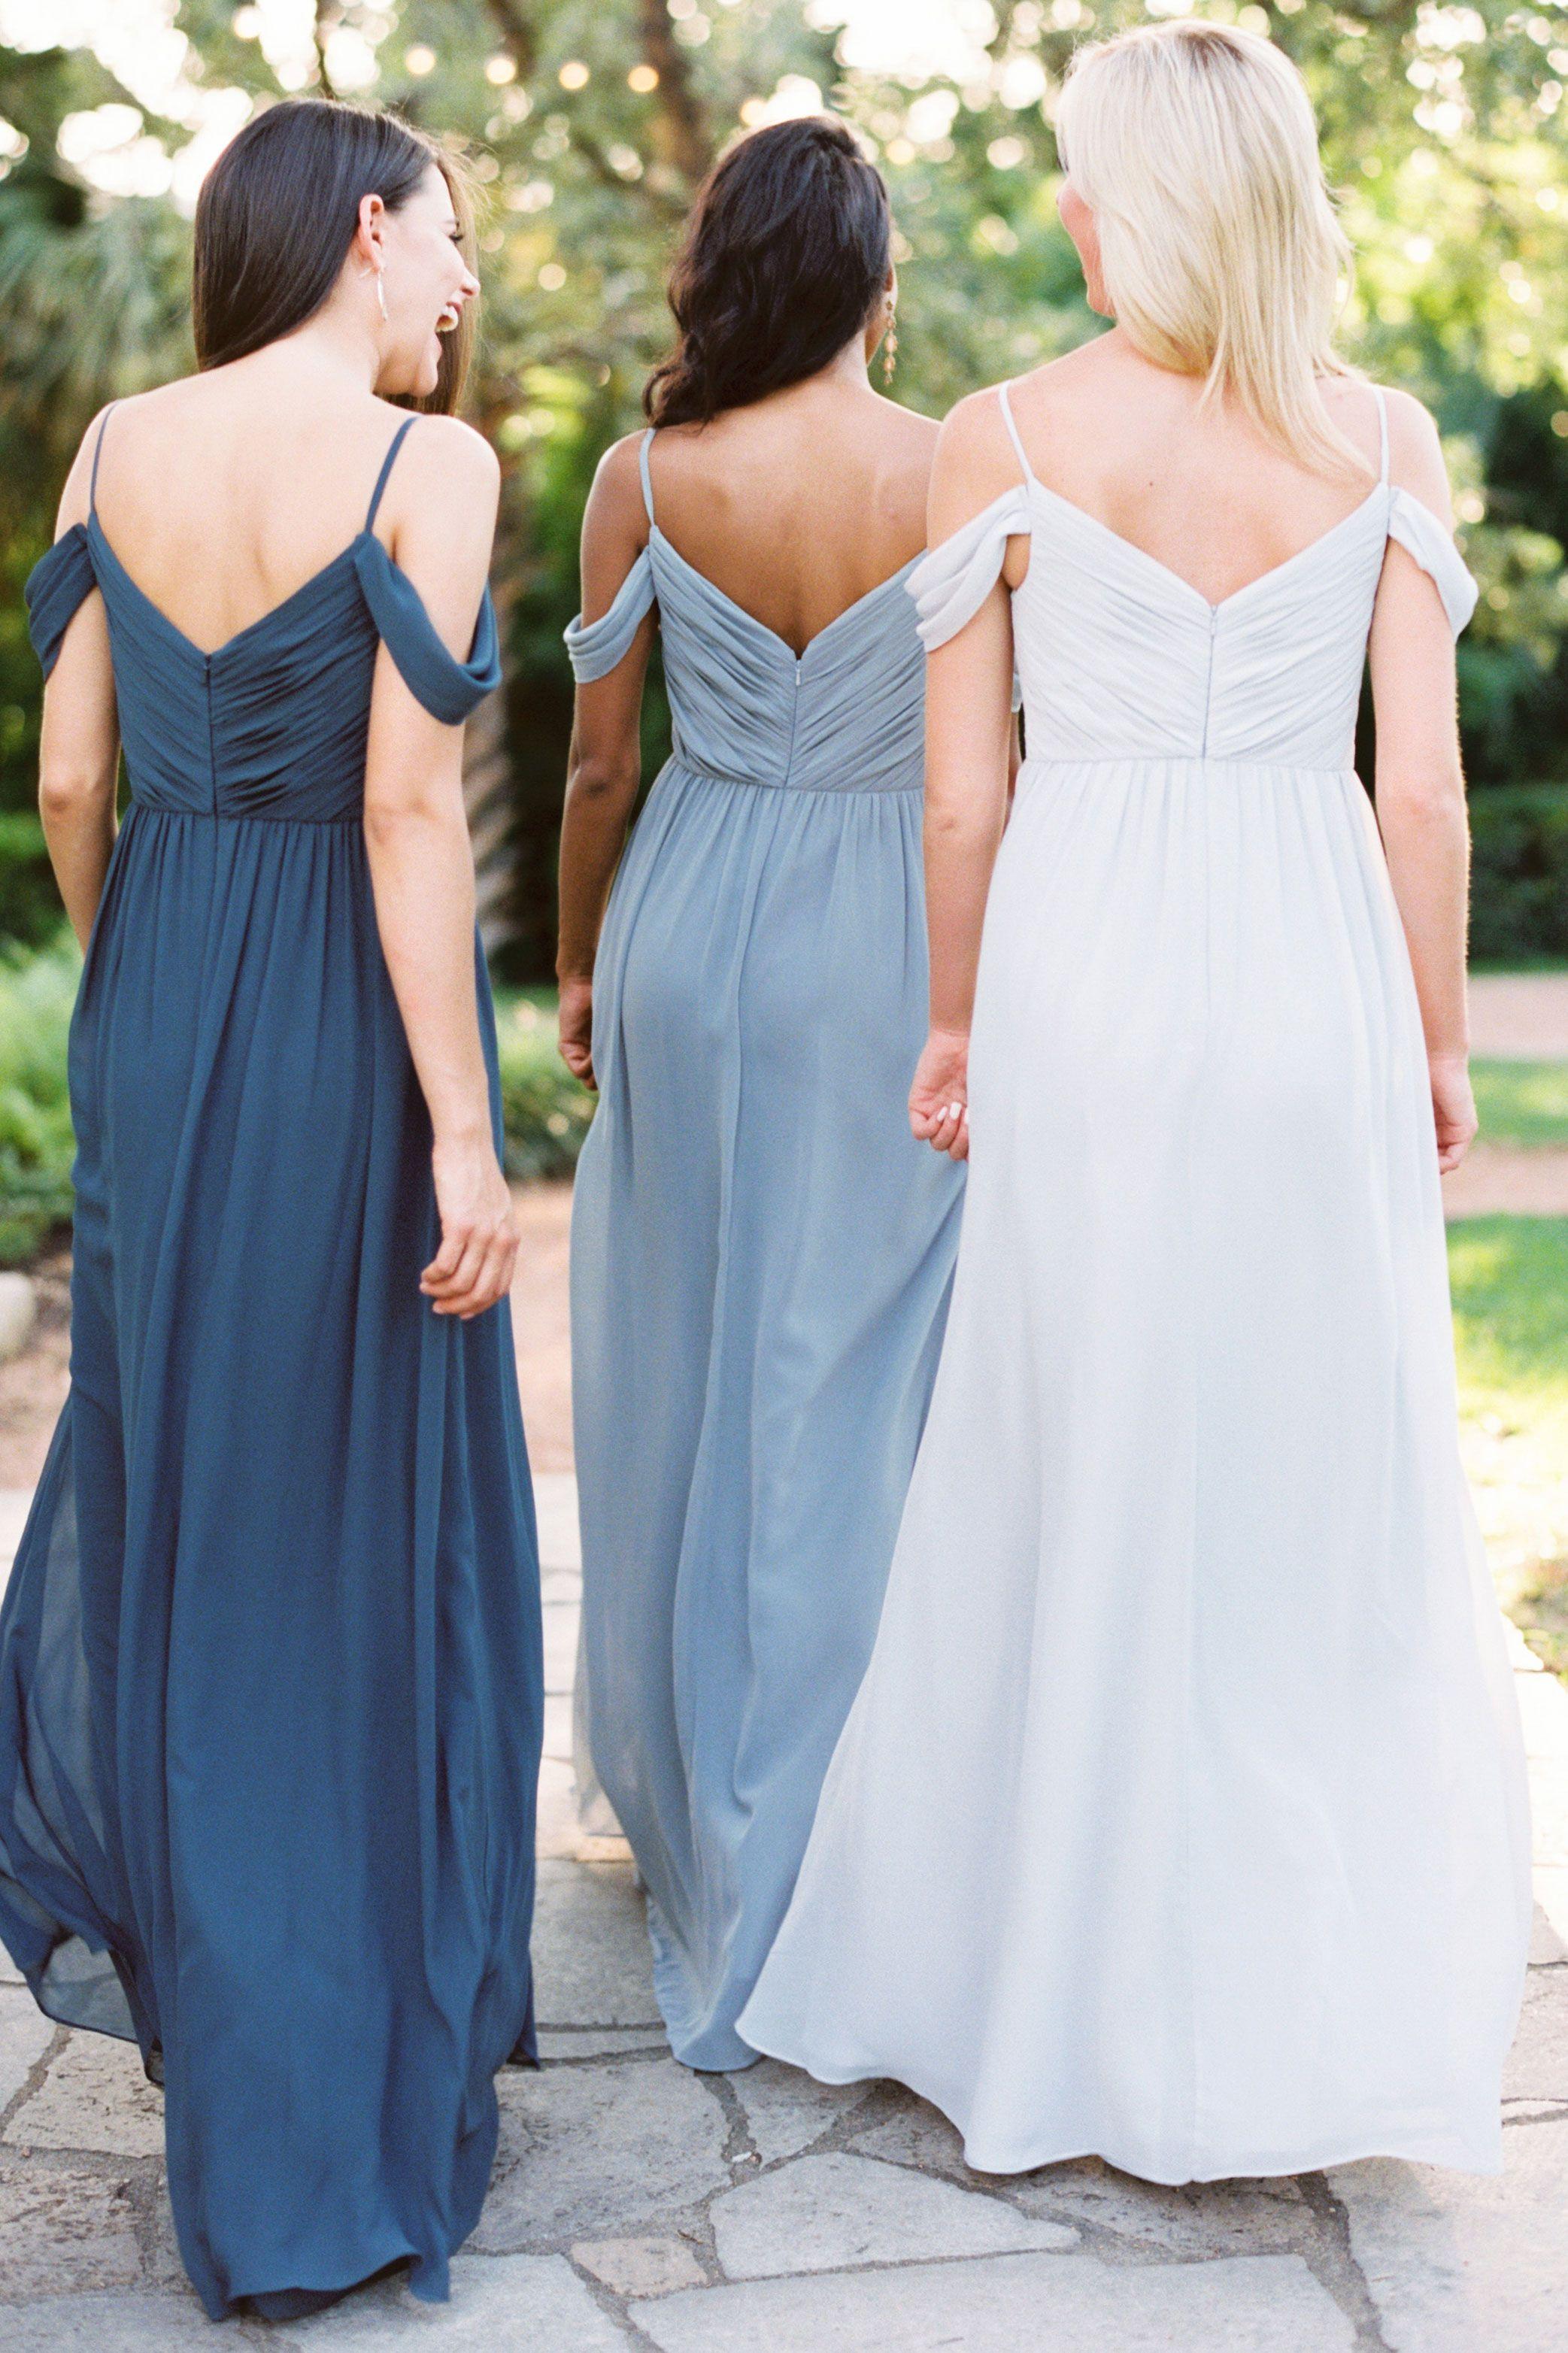 Lily Chiffon Dress Backless Bridesmaid Dress Long Bridesmaid Gowns Bridesmaid Gown Chiffon